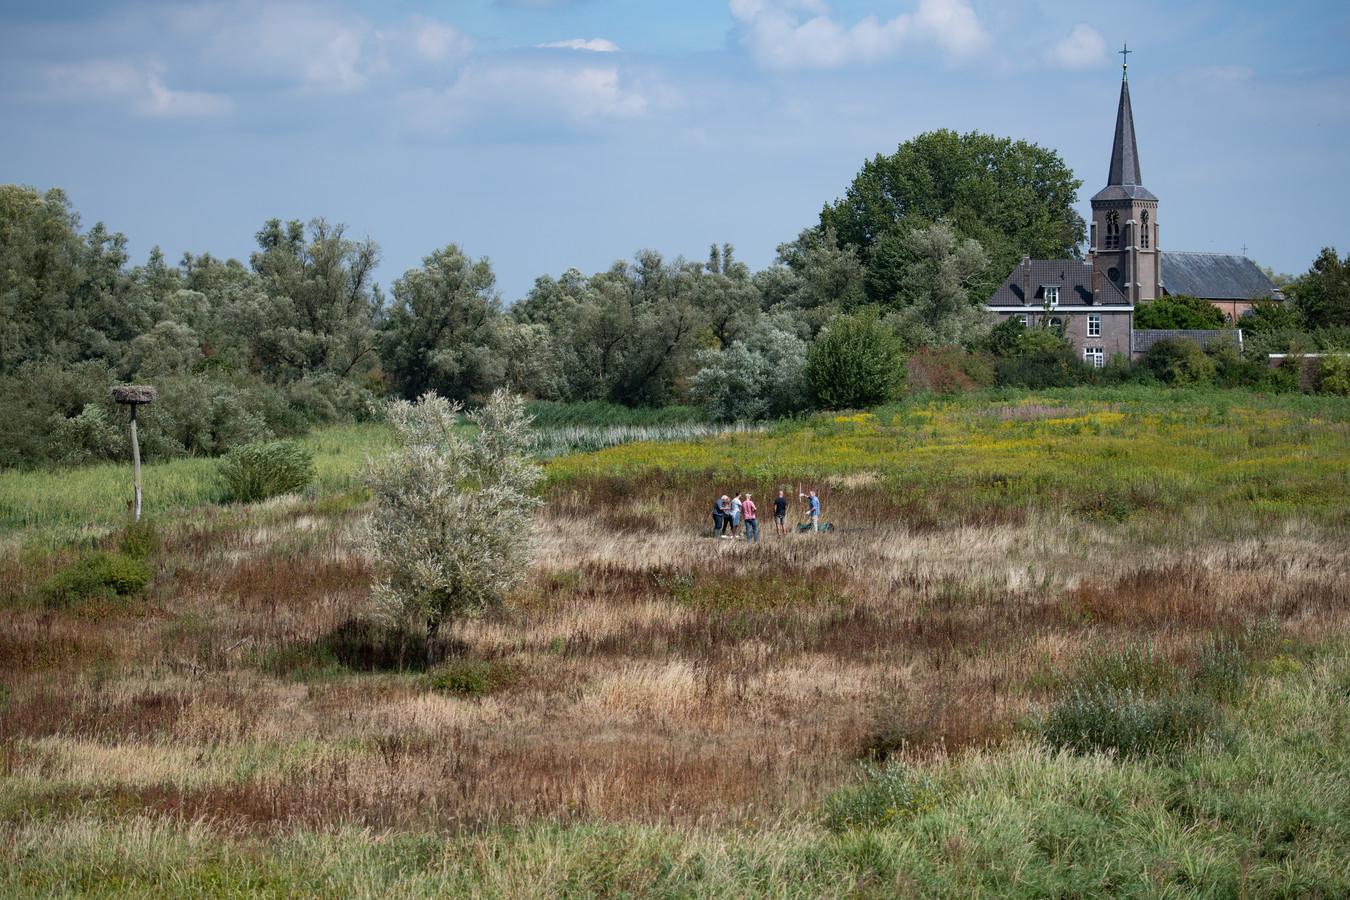 Onder de rook van de kerk van Kekerdom leken afgelopen zomer als gevolg van de droogte de contouren van het oude klooster, de Stiftshof, ineens te zien. Later bleek de exacte plek toch iets meer richting kerk te liggen.